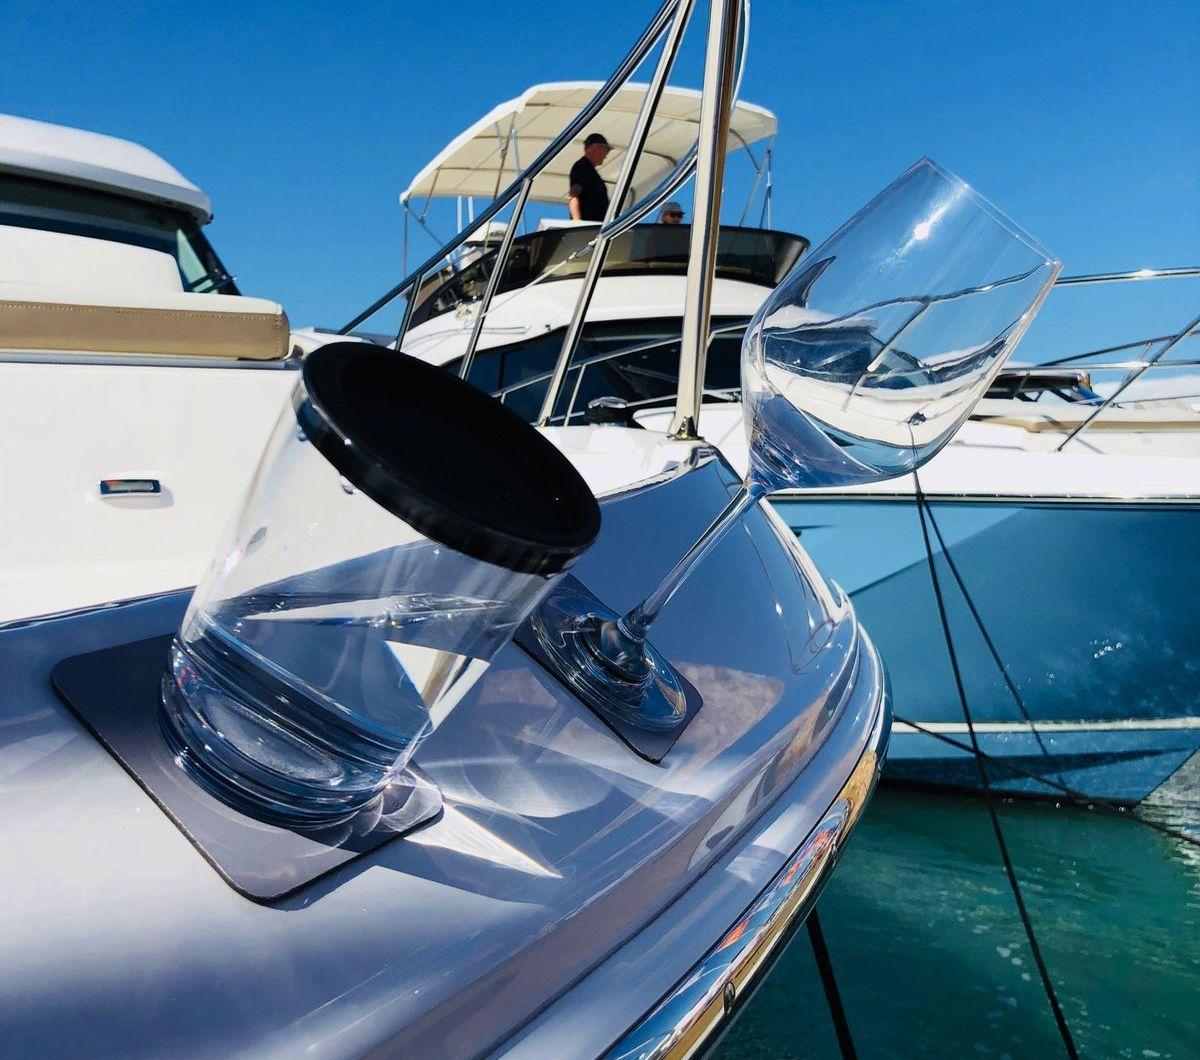 Mitte Februar wagten die Niederbayern den Sprung über den großen Teich - und präsentierten ihre magnetischen Gläser bei der berühmten Miami Boat Show, wo regelmäßig alle vor Ort sind, die Rang und Namen haben in der weltweiten Schiffs- und Yachtbranche